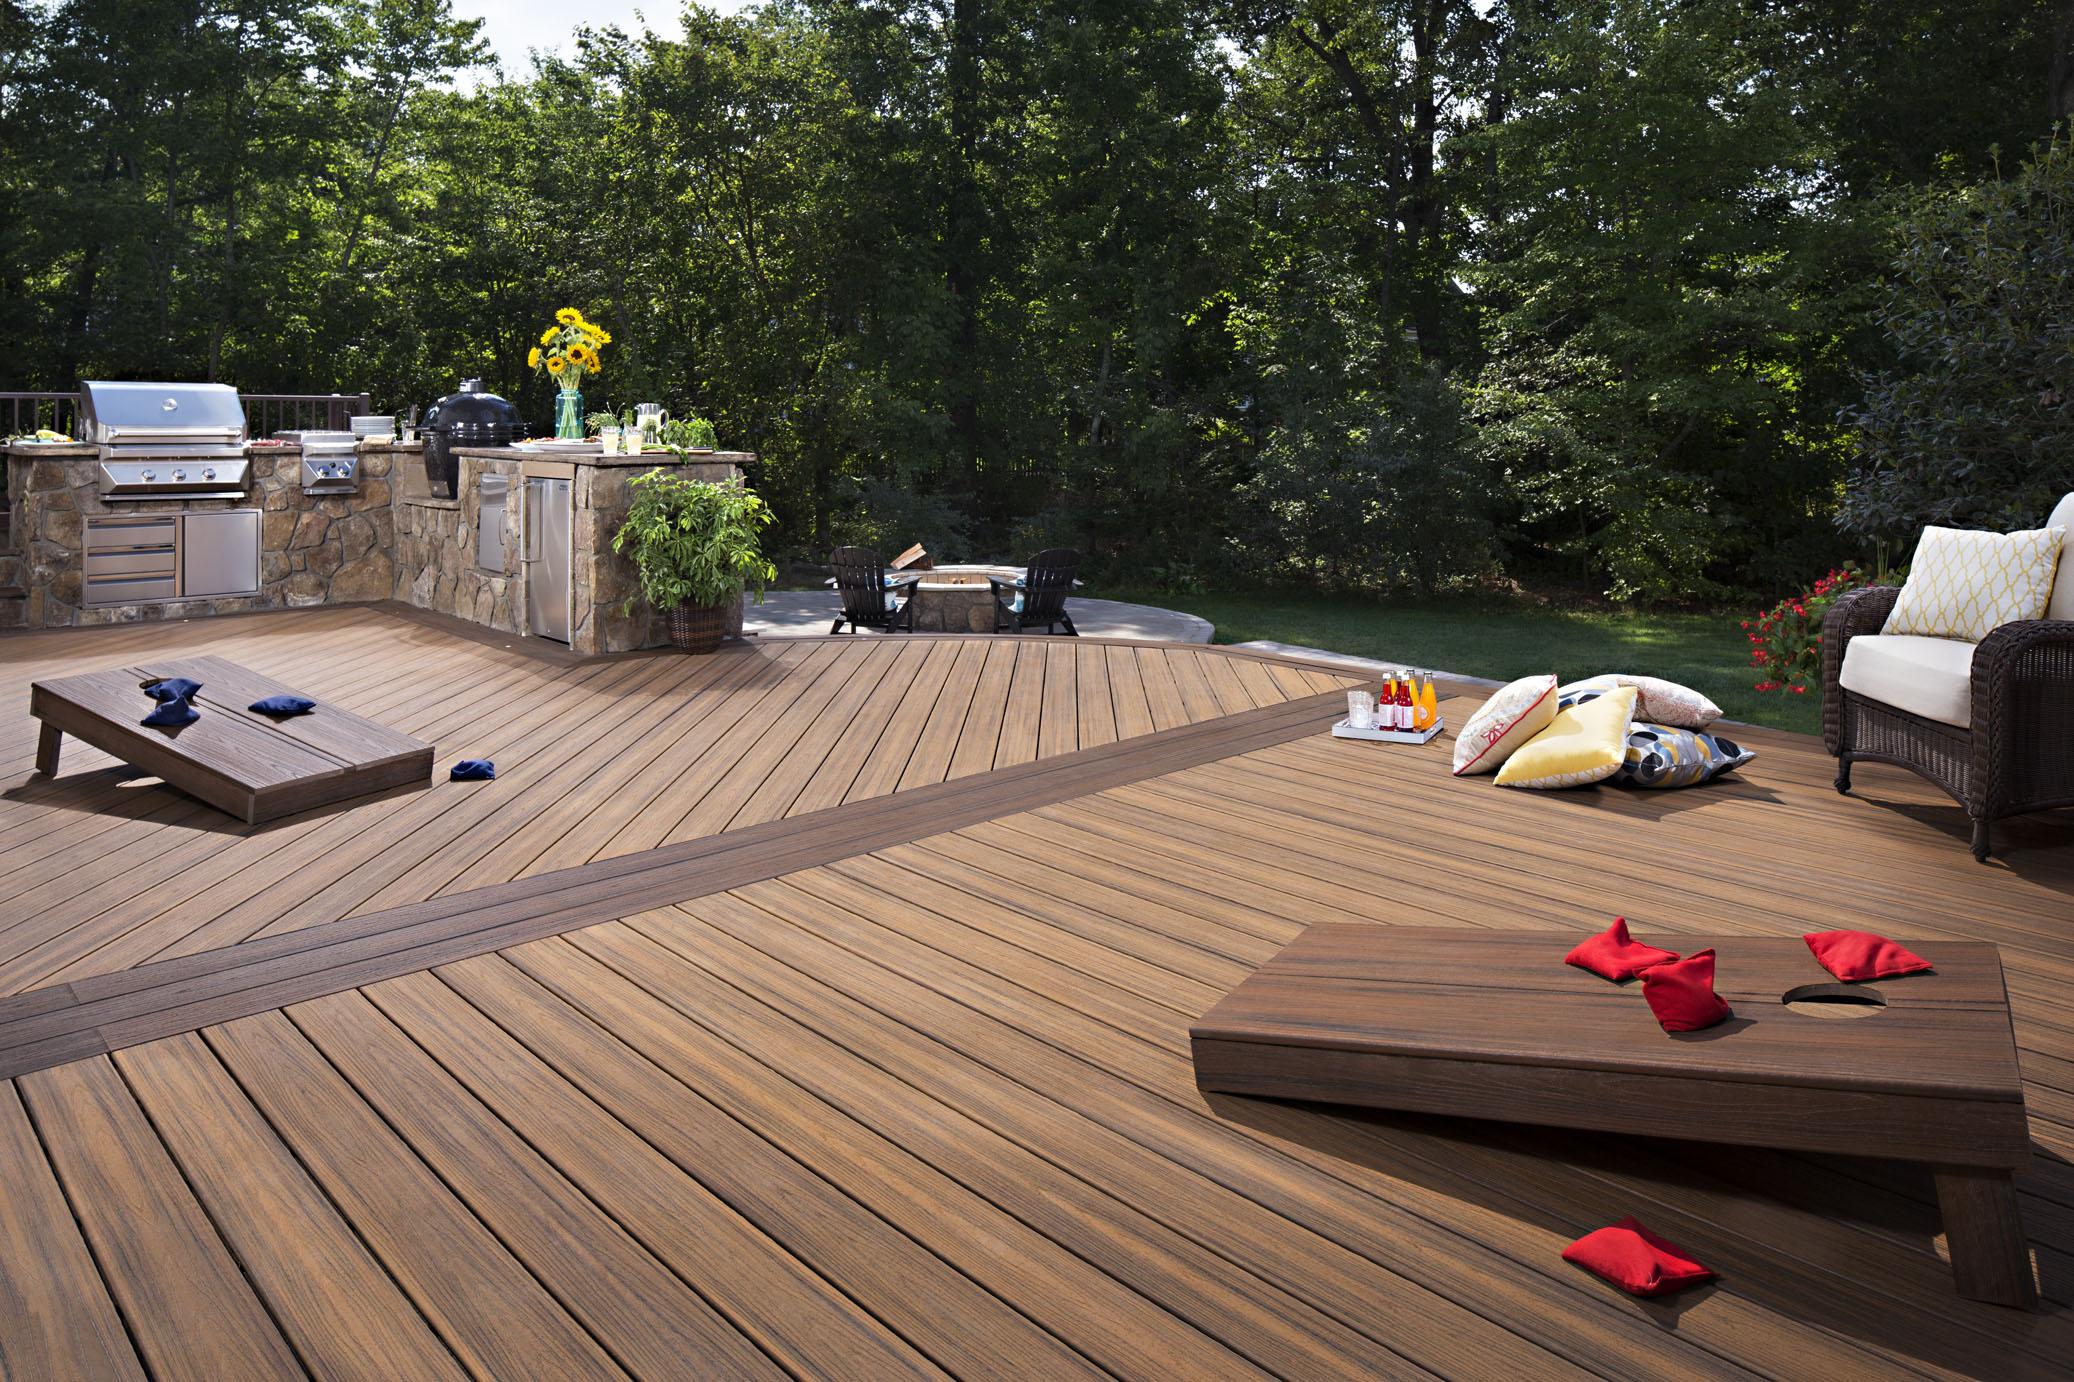 Deck made of Trex materials.